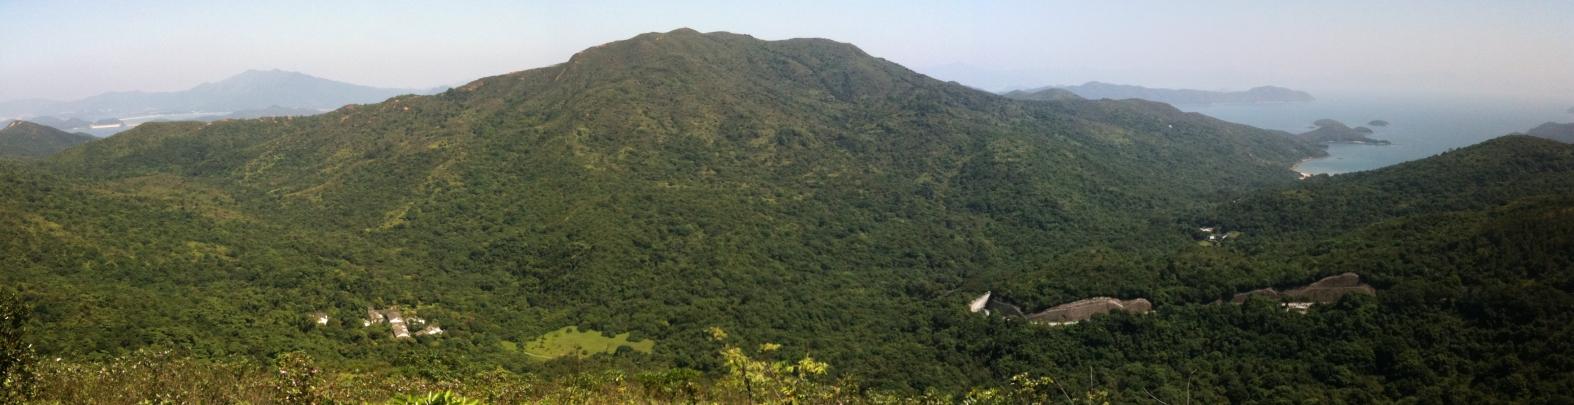 Mt Hallows Panorama2